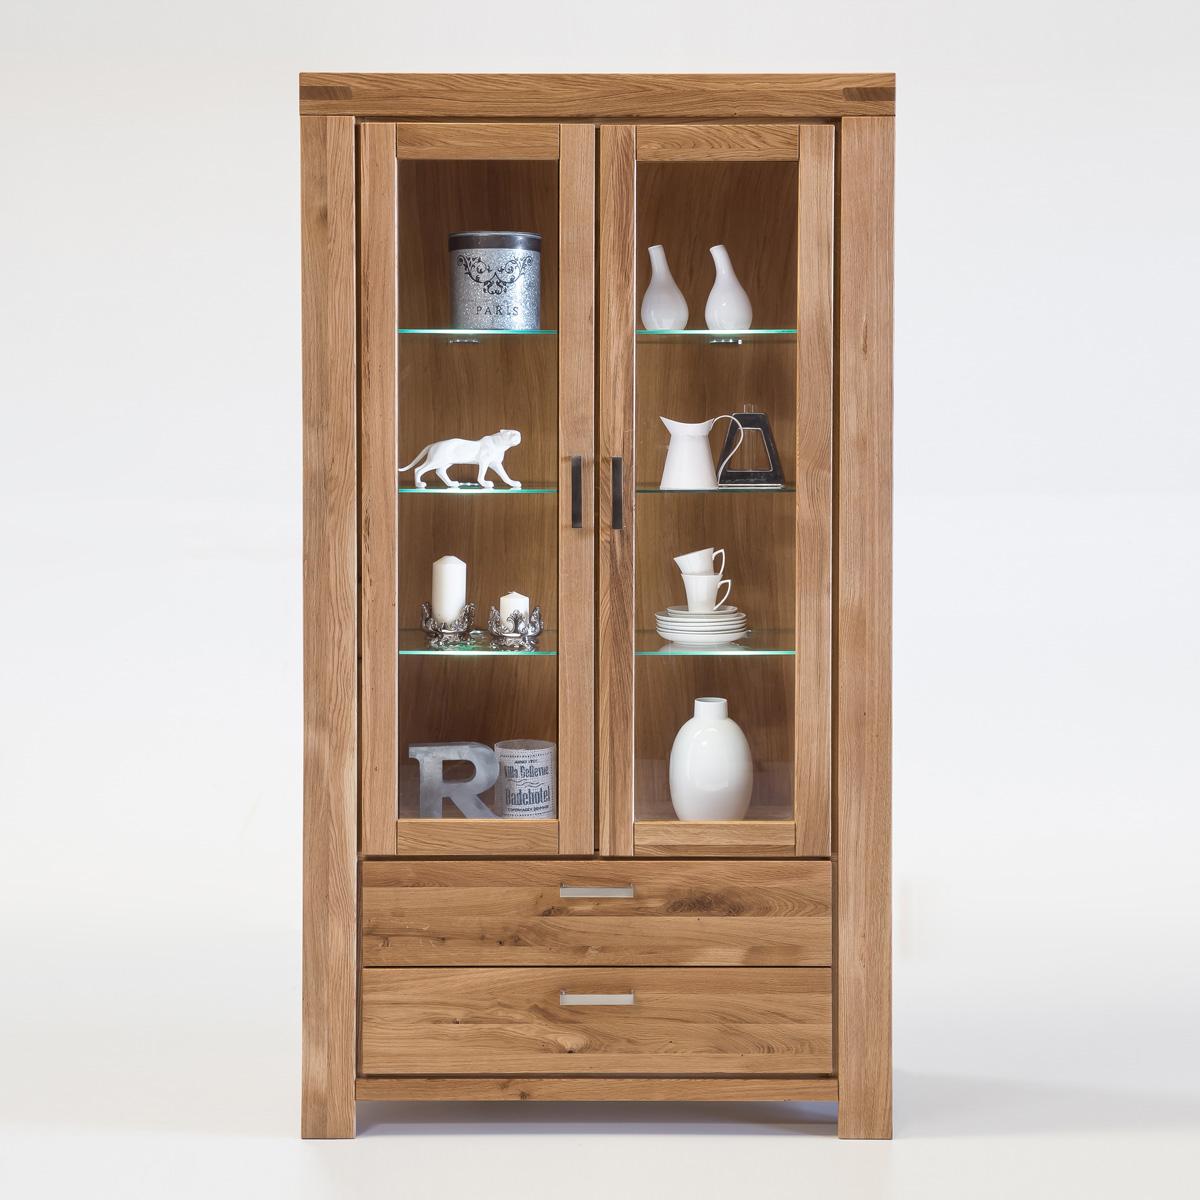 vitrine kira buffet schrank auswahl kernbuche wildeiche. Black Bedroom Furniture Sets. Home Design Ideas